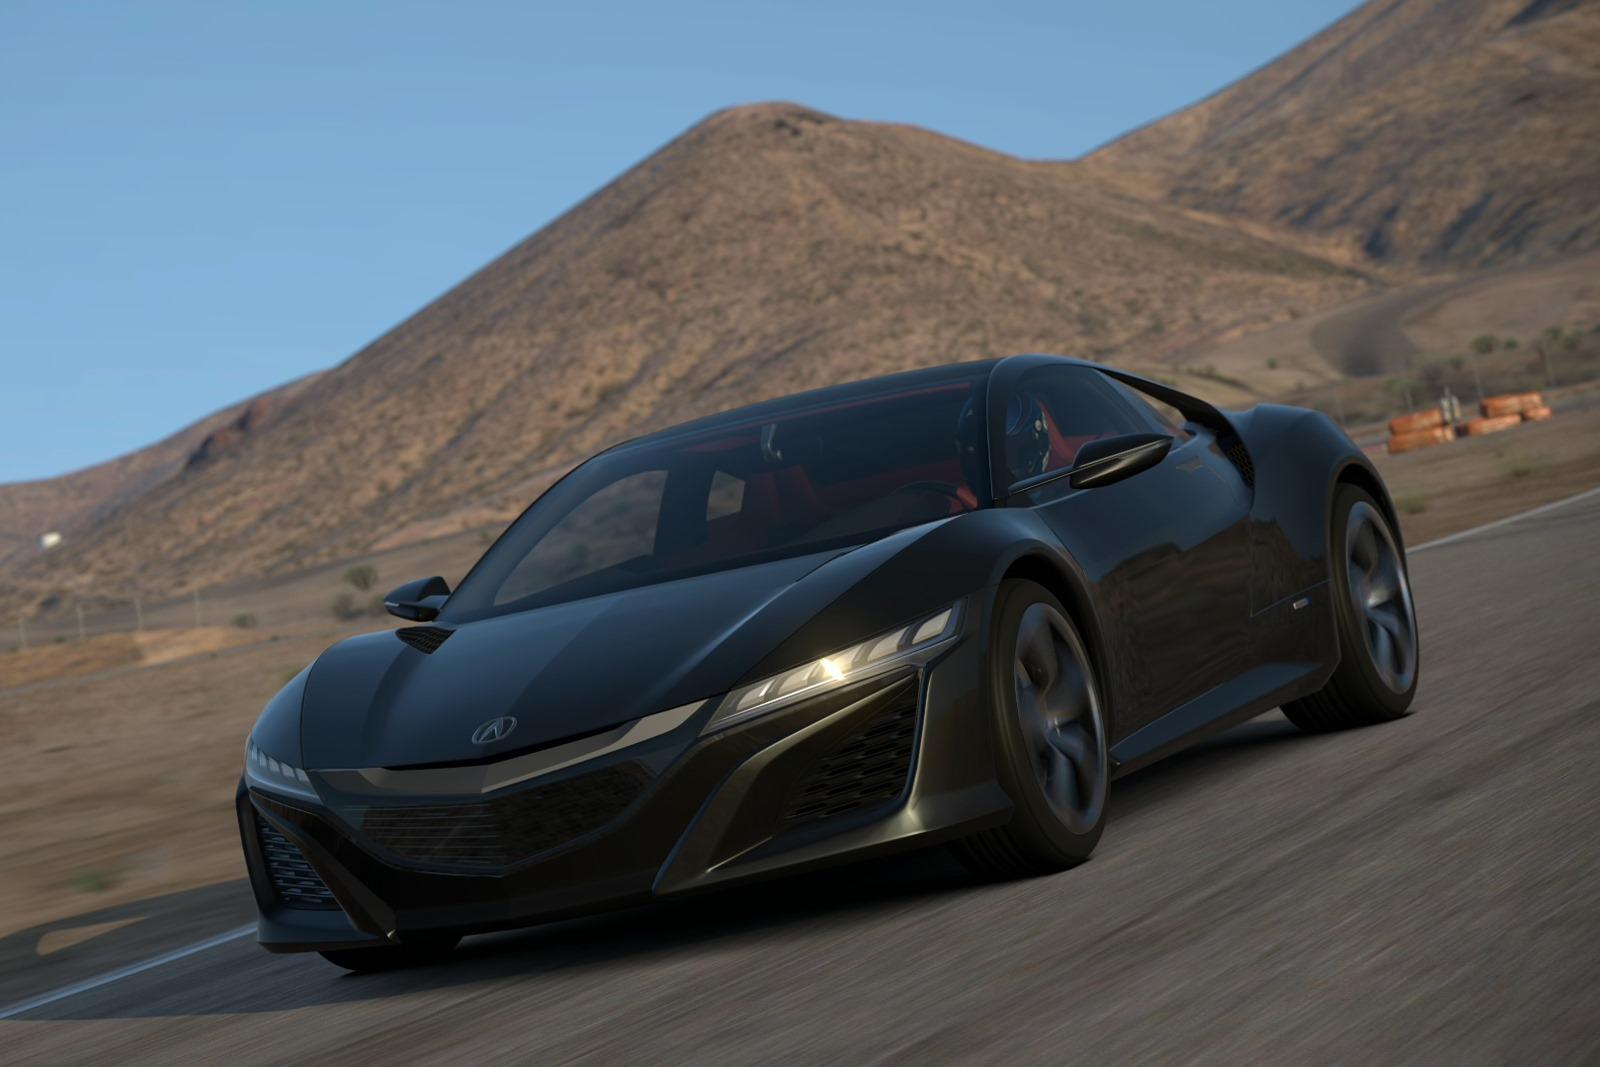 2015 Acura Nsx Coming To Gran Turismo 6 Autoevolution